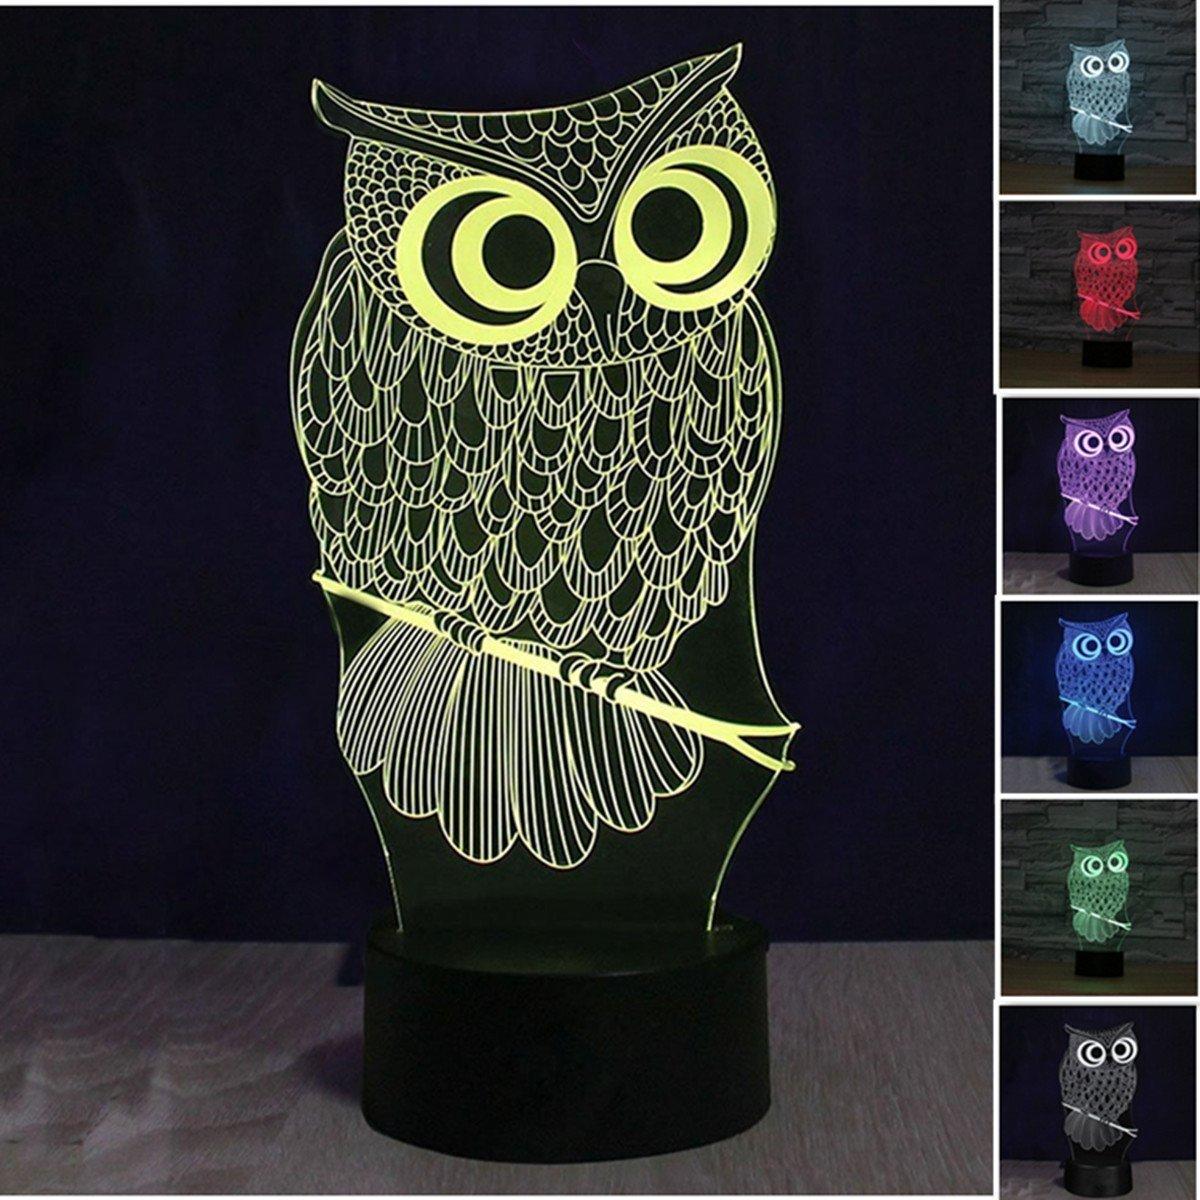 3D Illusion Tischlampe, KINGCOO 7 Farben 3D Effekt Touch Nachtlicht Schreibtischlampe Dekoratives Licht fü r Kinder Weihnachtsgeschenk (Zä hne)